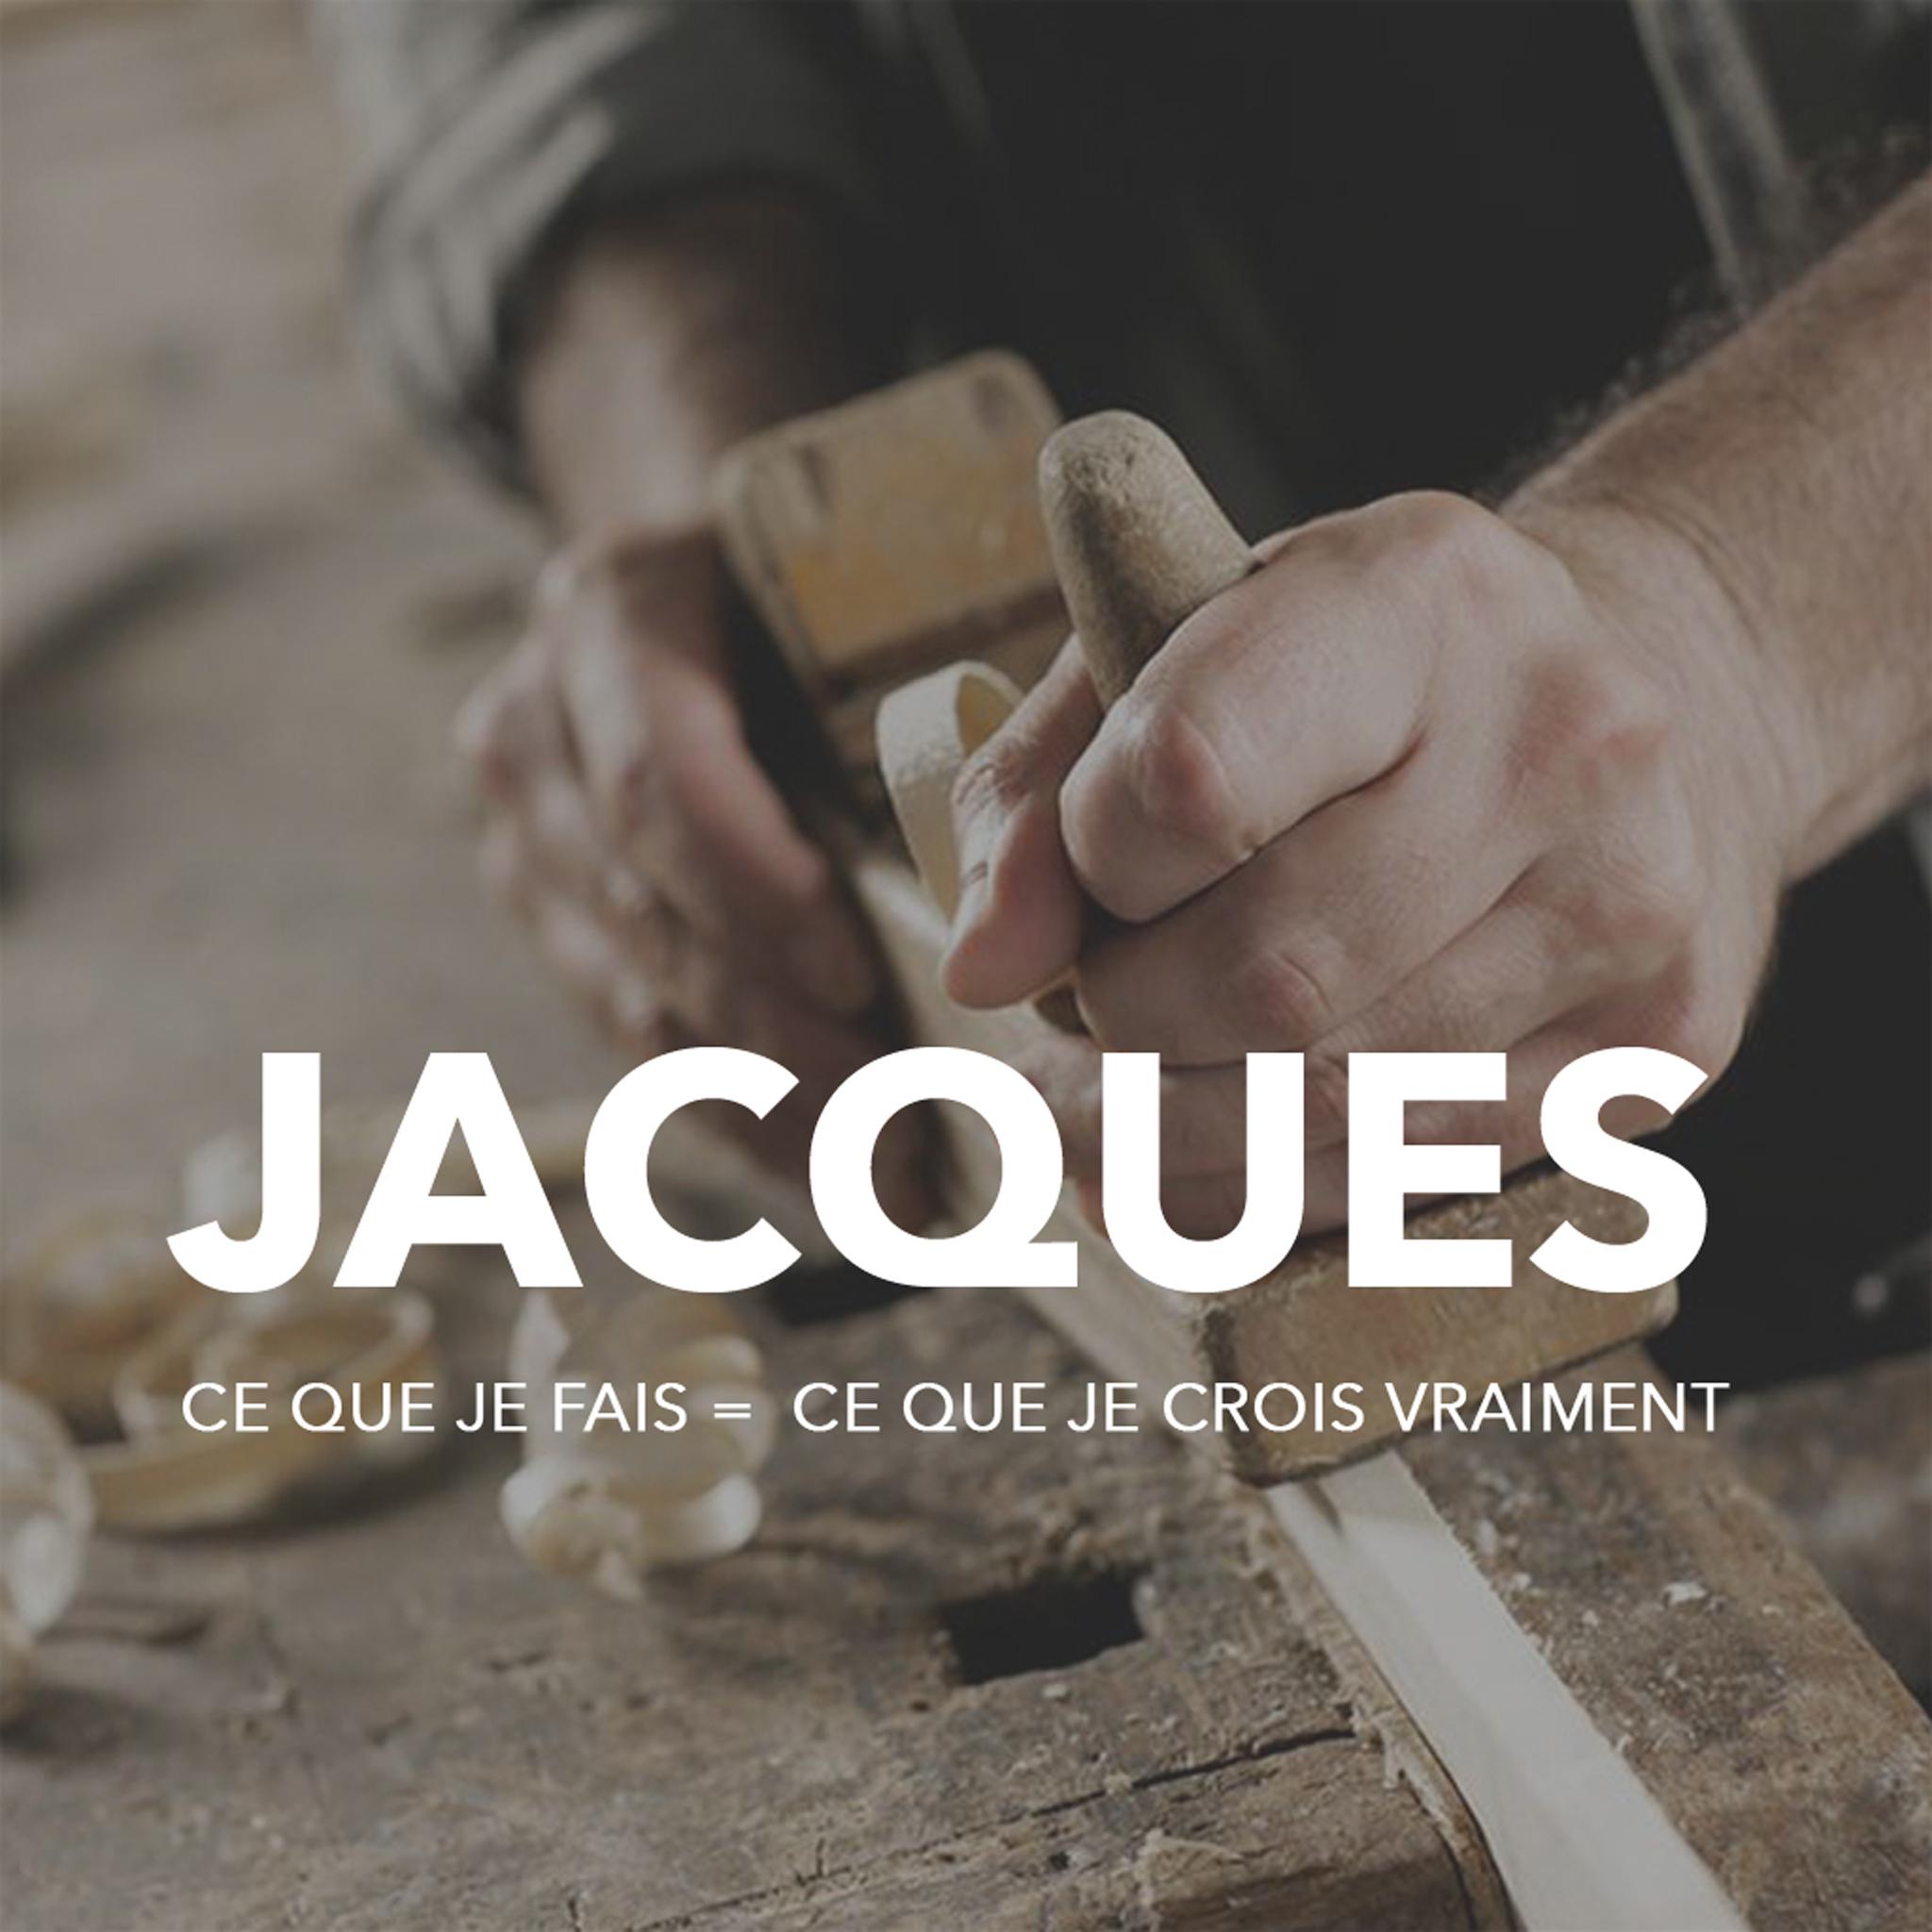 Jacques 1:19-23